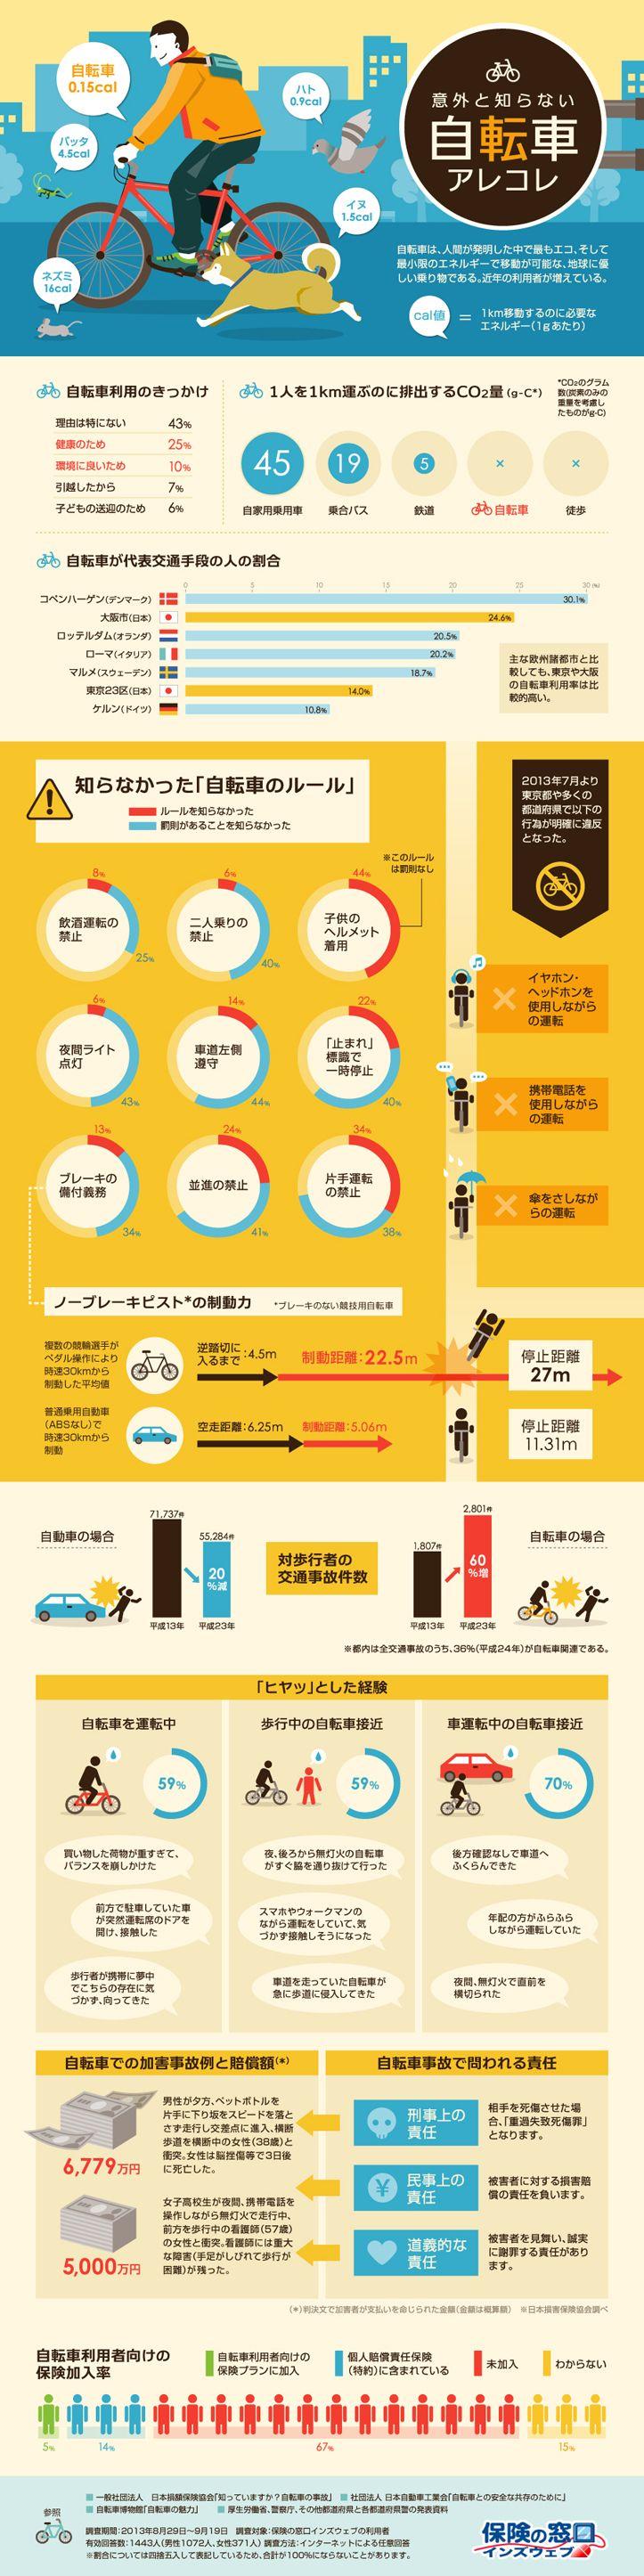 72%が知らなかった!自転車ルールや事故に関するインフォグラフィック(保険会社のマーケティング)